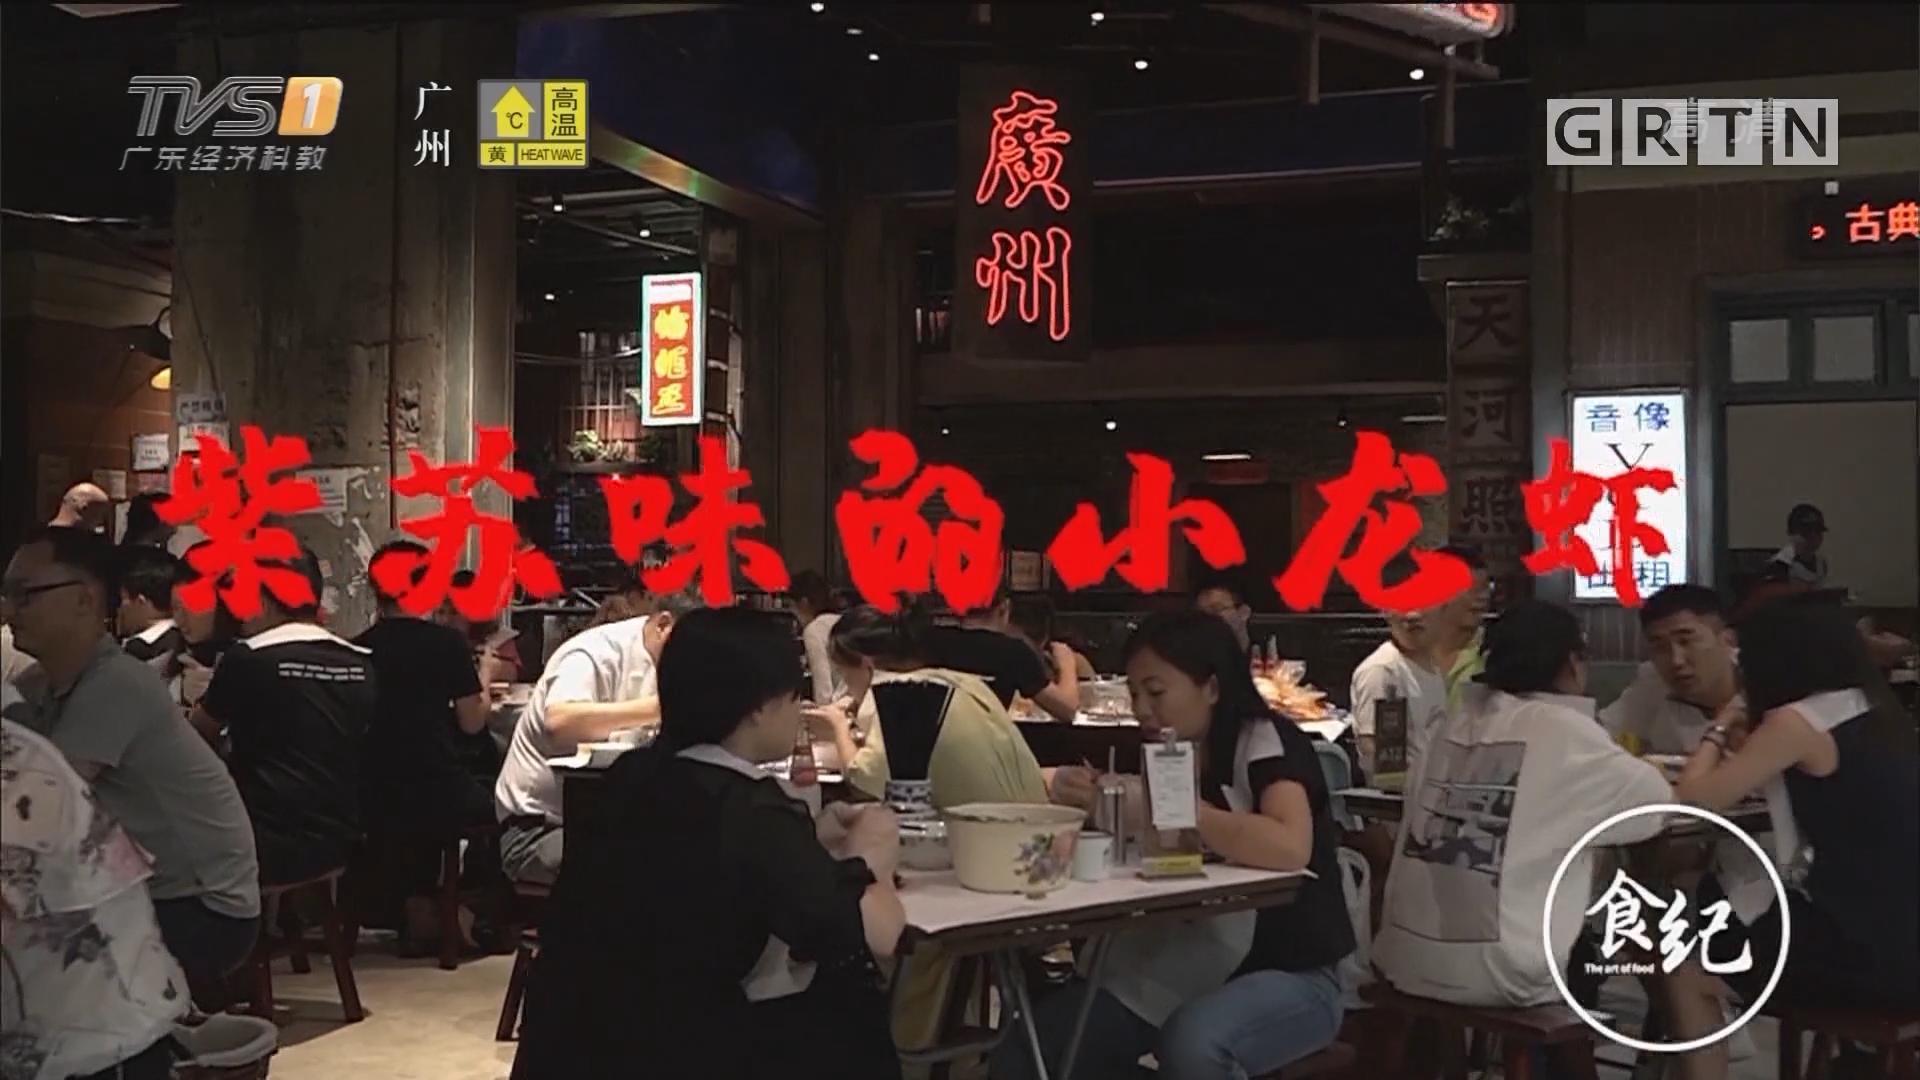 [HD][2019-07-16]马后炮生活+《美食特攻》:紫苏味的小龙虾